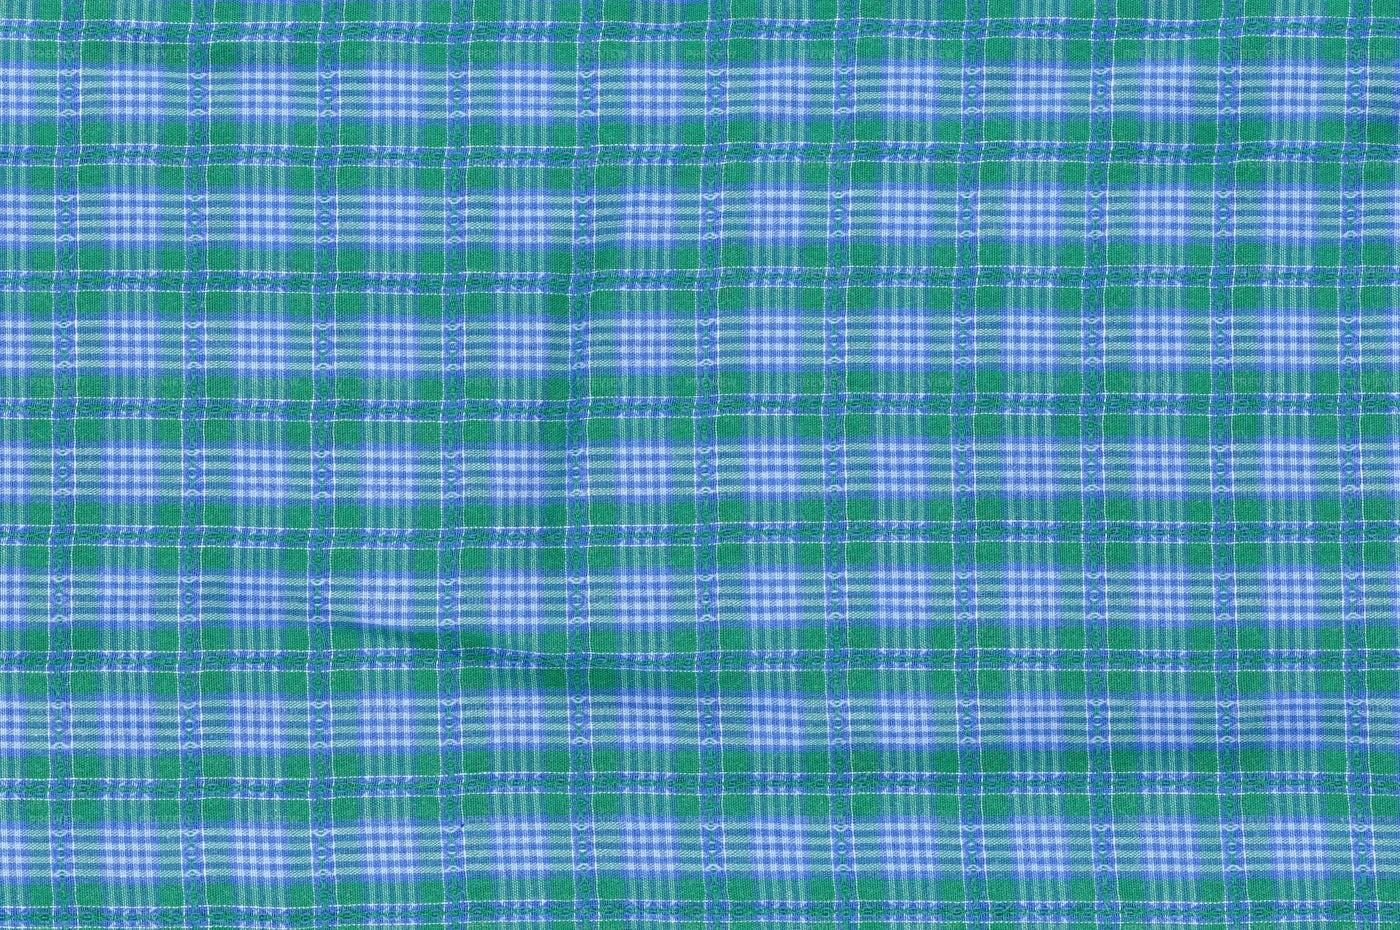 Checkered Fabric: Stock Photos